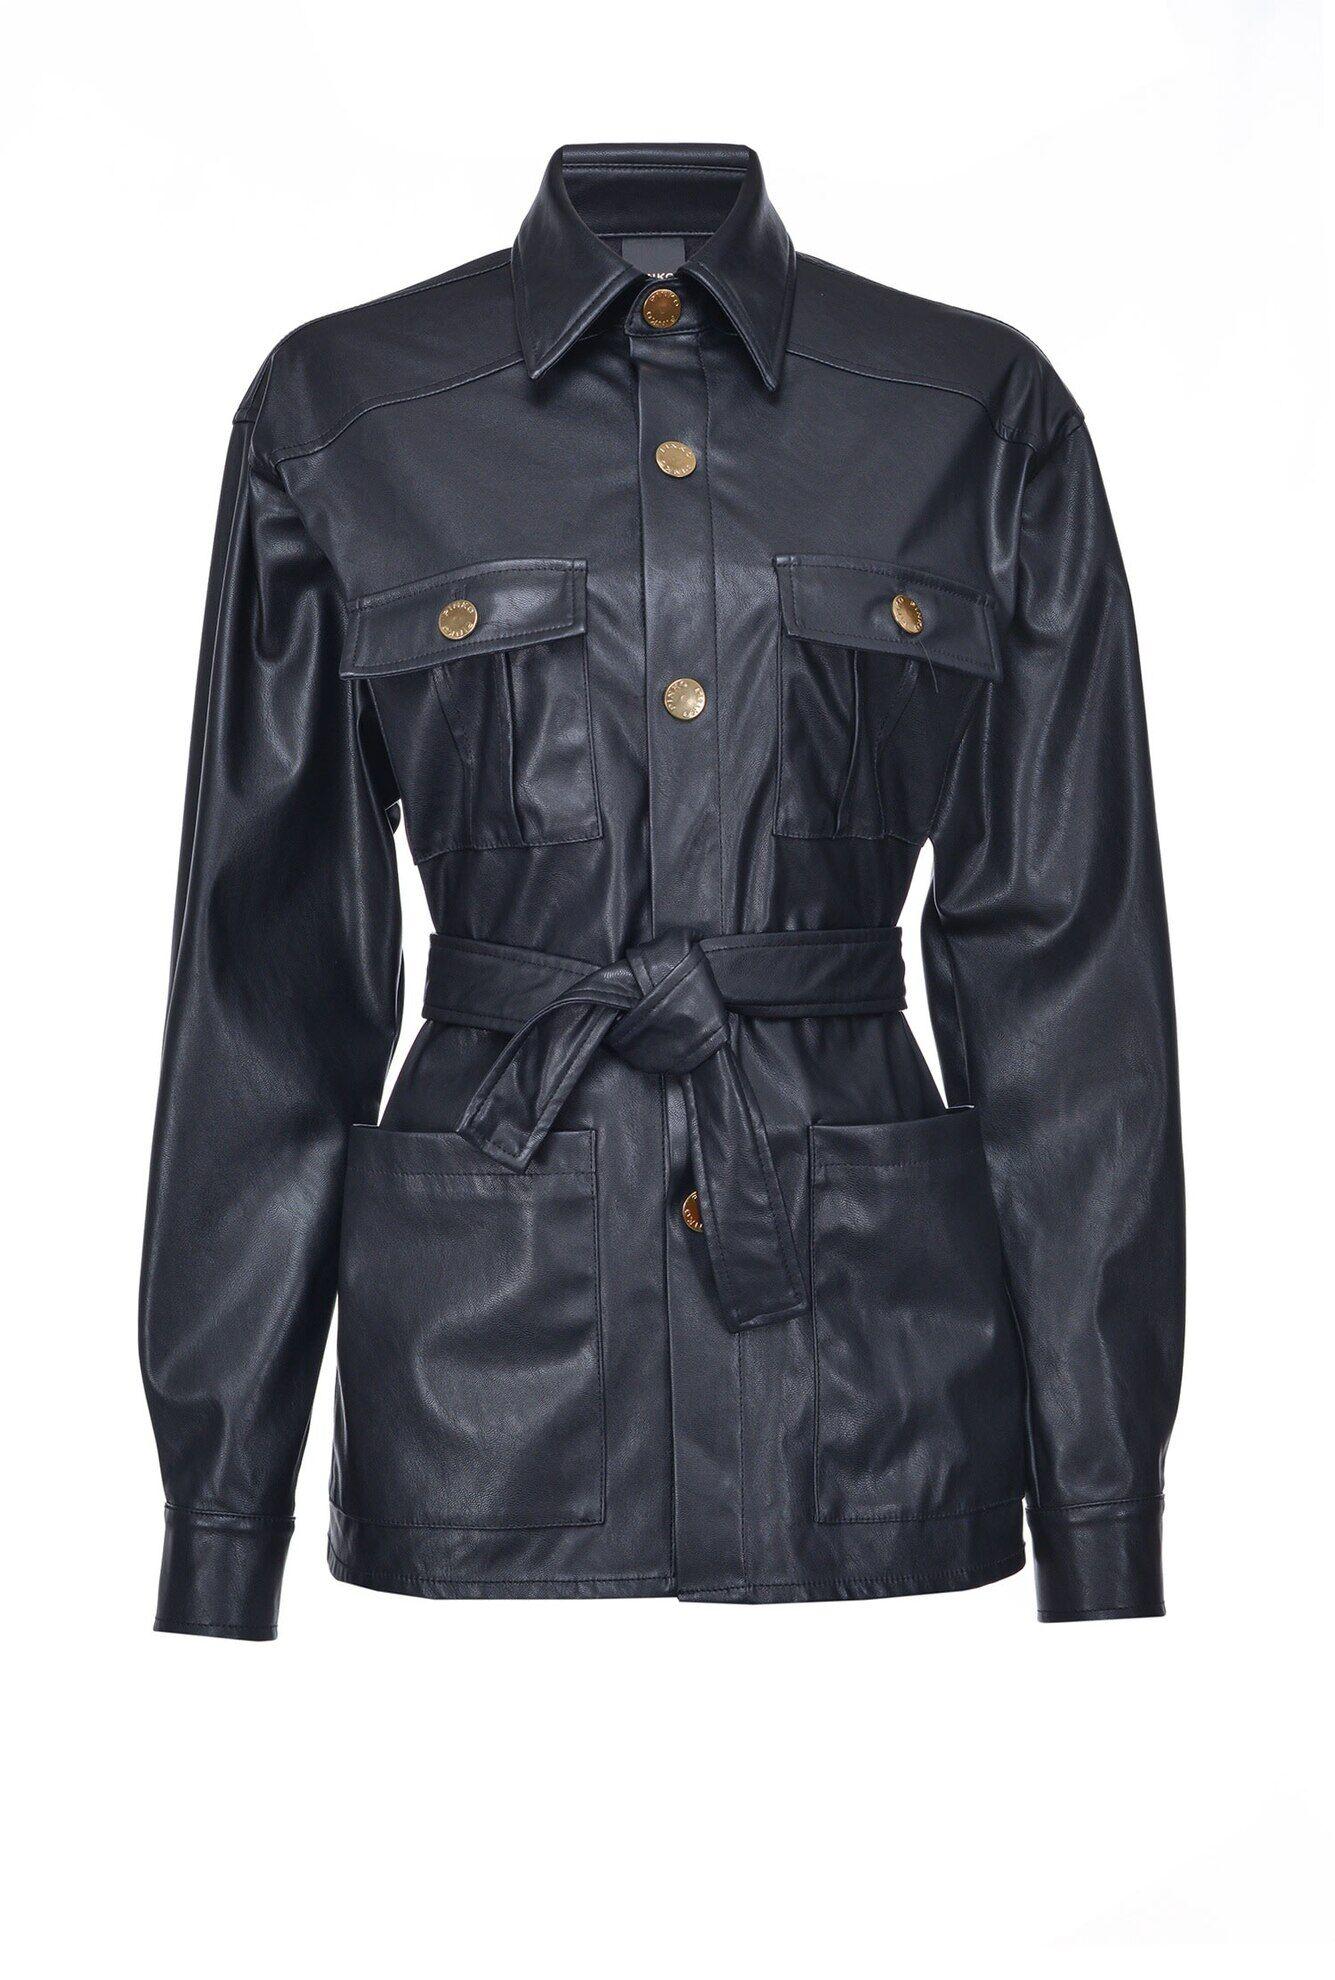 Leather Effect Jacket - Pinko